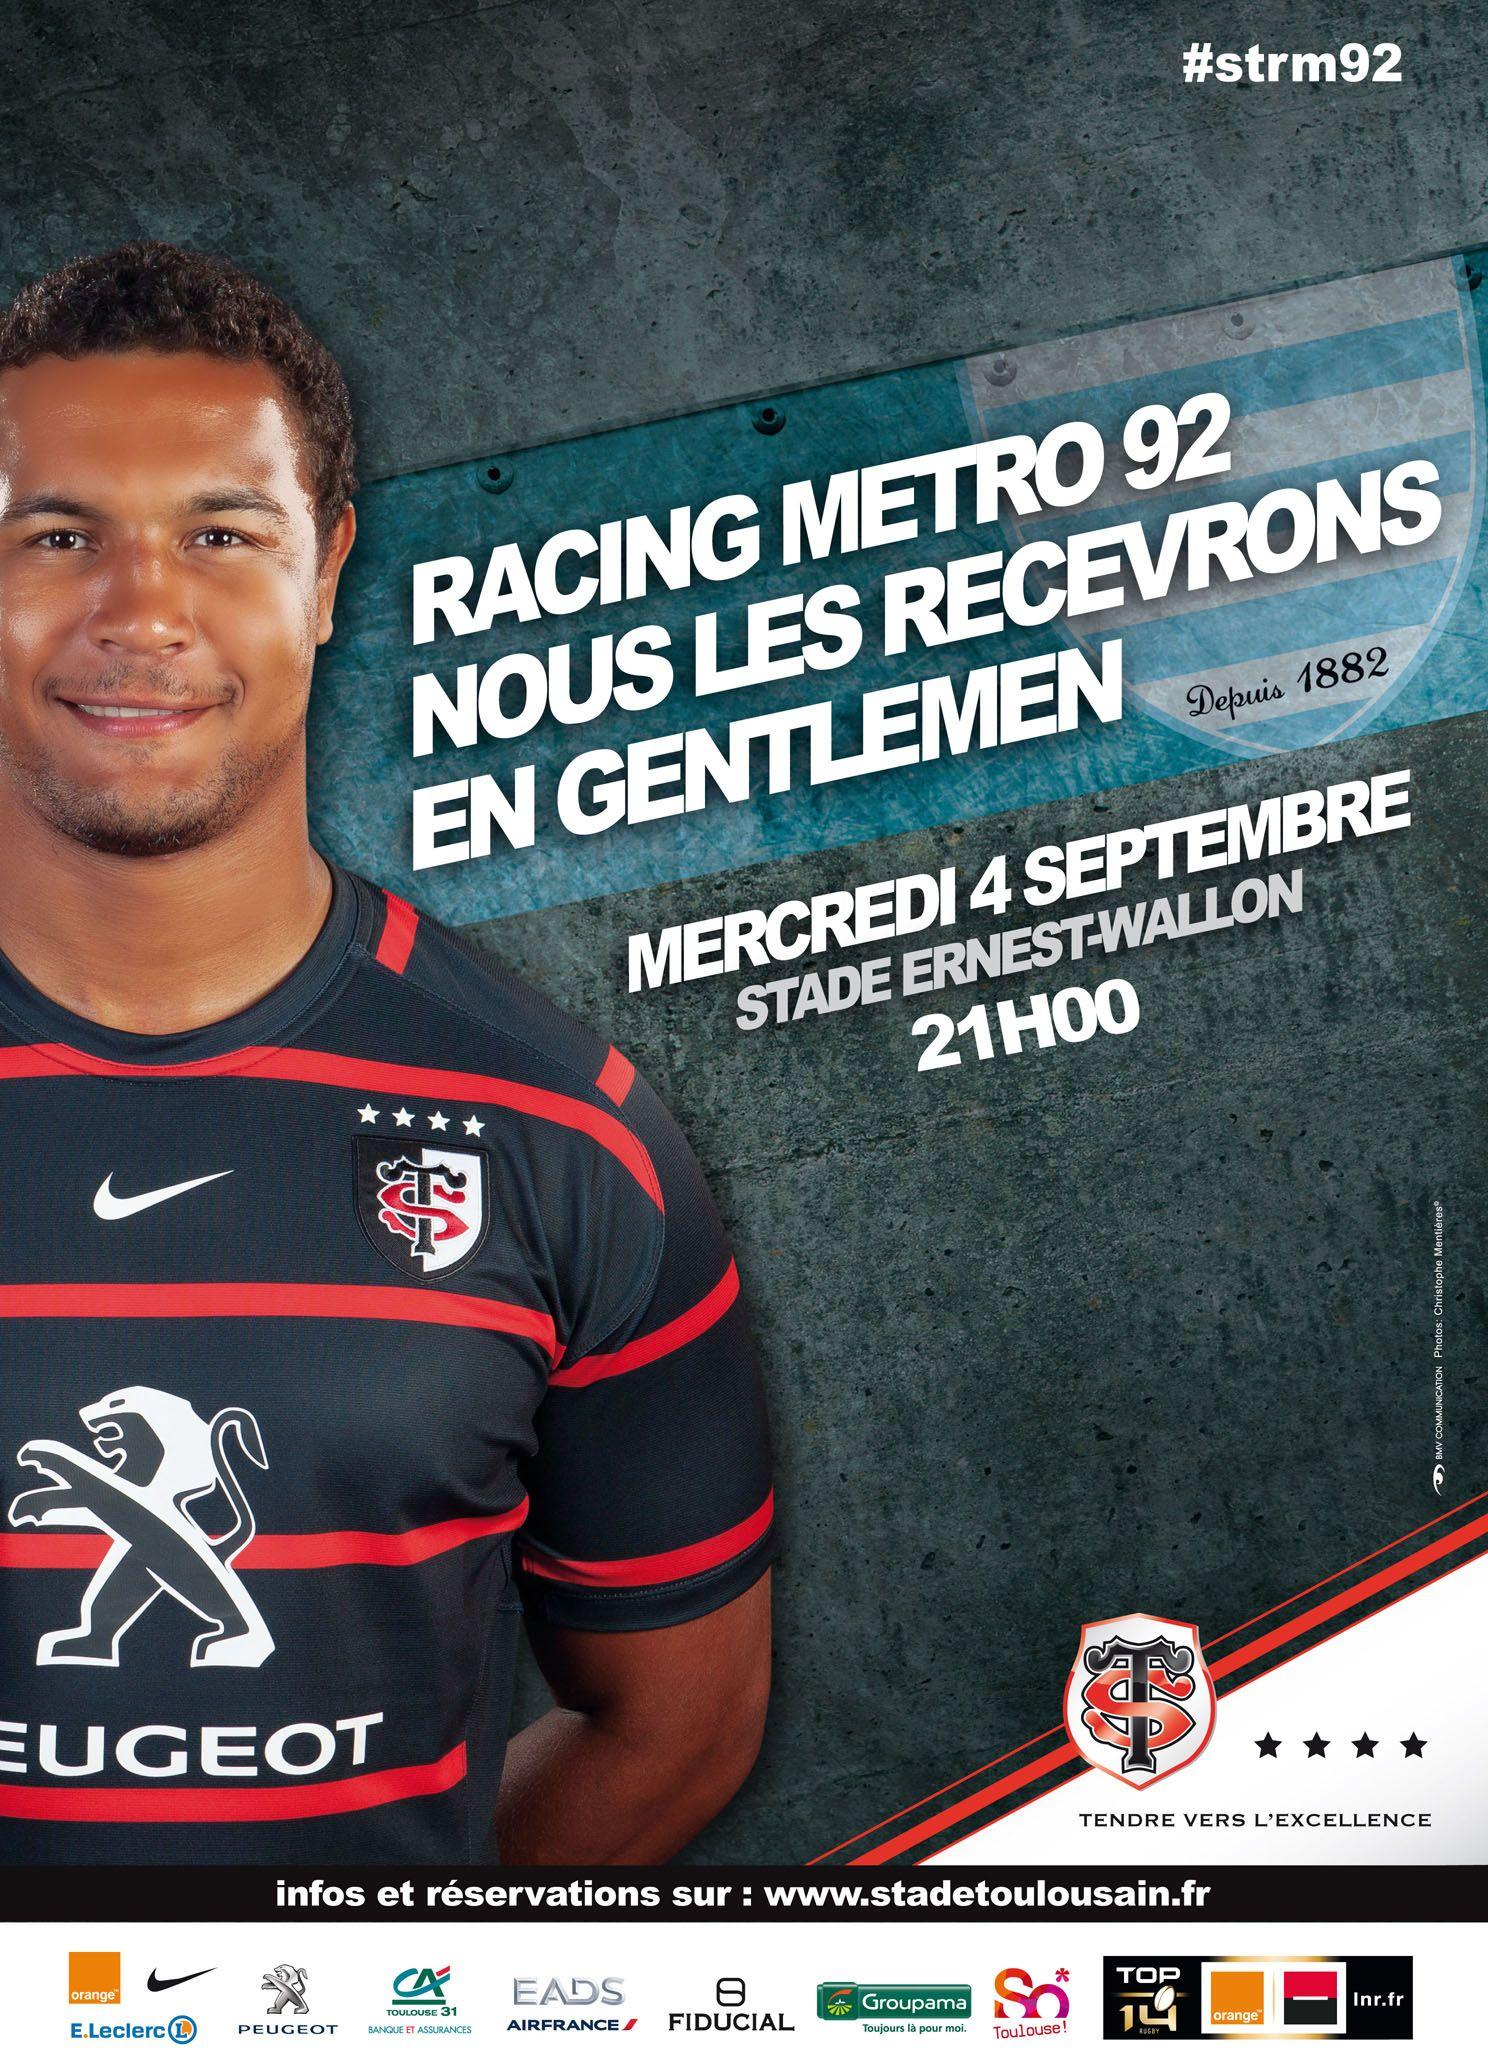 Affiche match Stade Toulousain Racing Métro 92 (4ème